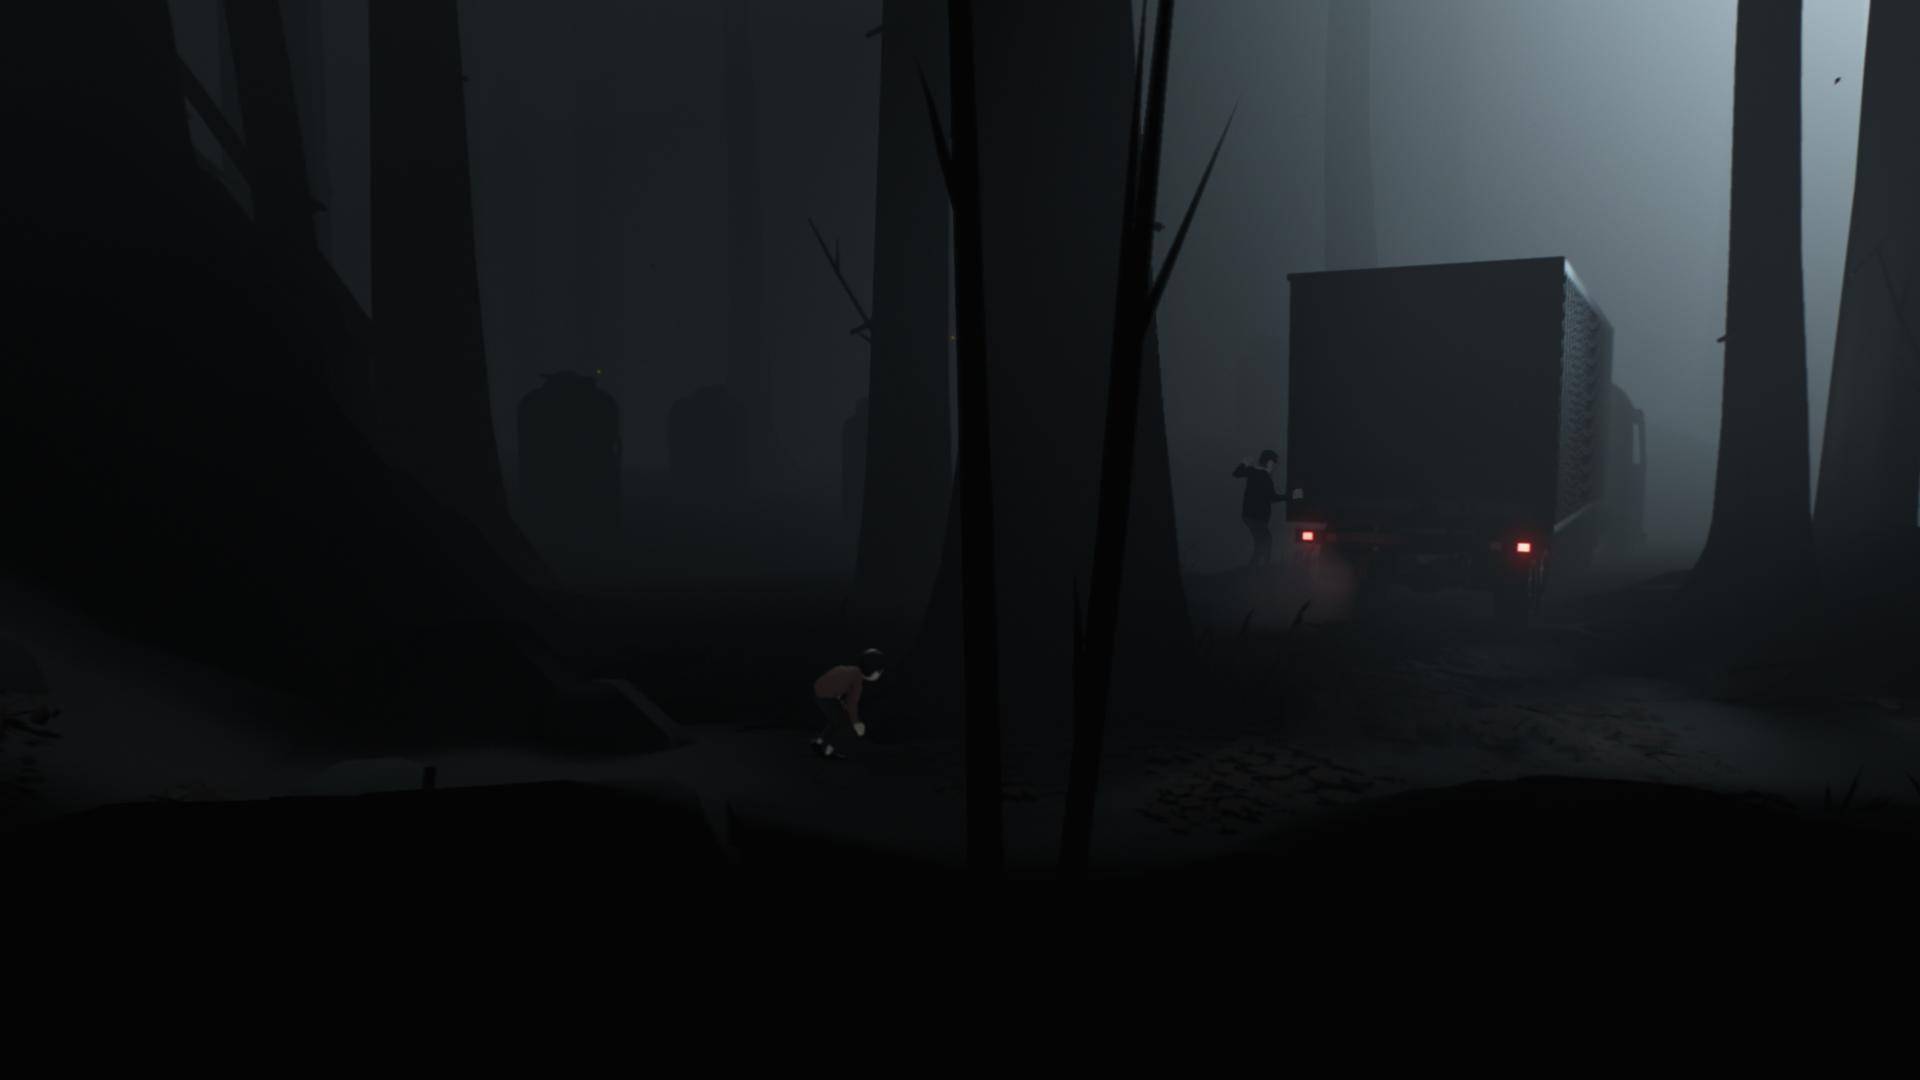 """暗い森を抜けると出会う人。しかし、見つかった瞬間殺されてしまう。「INSIDE」は少年が殺されないように""""トライ&エラー""""を繰り返すアクションアドベンチャーだ"""